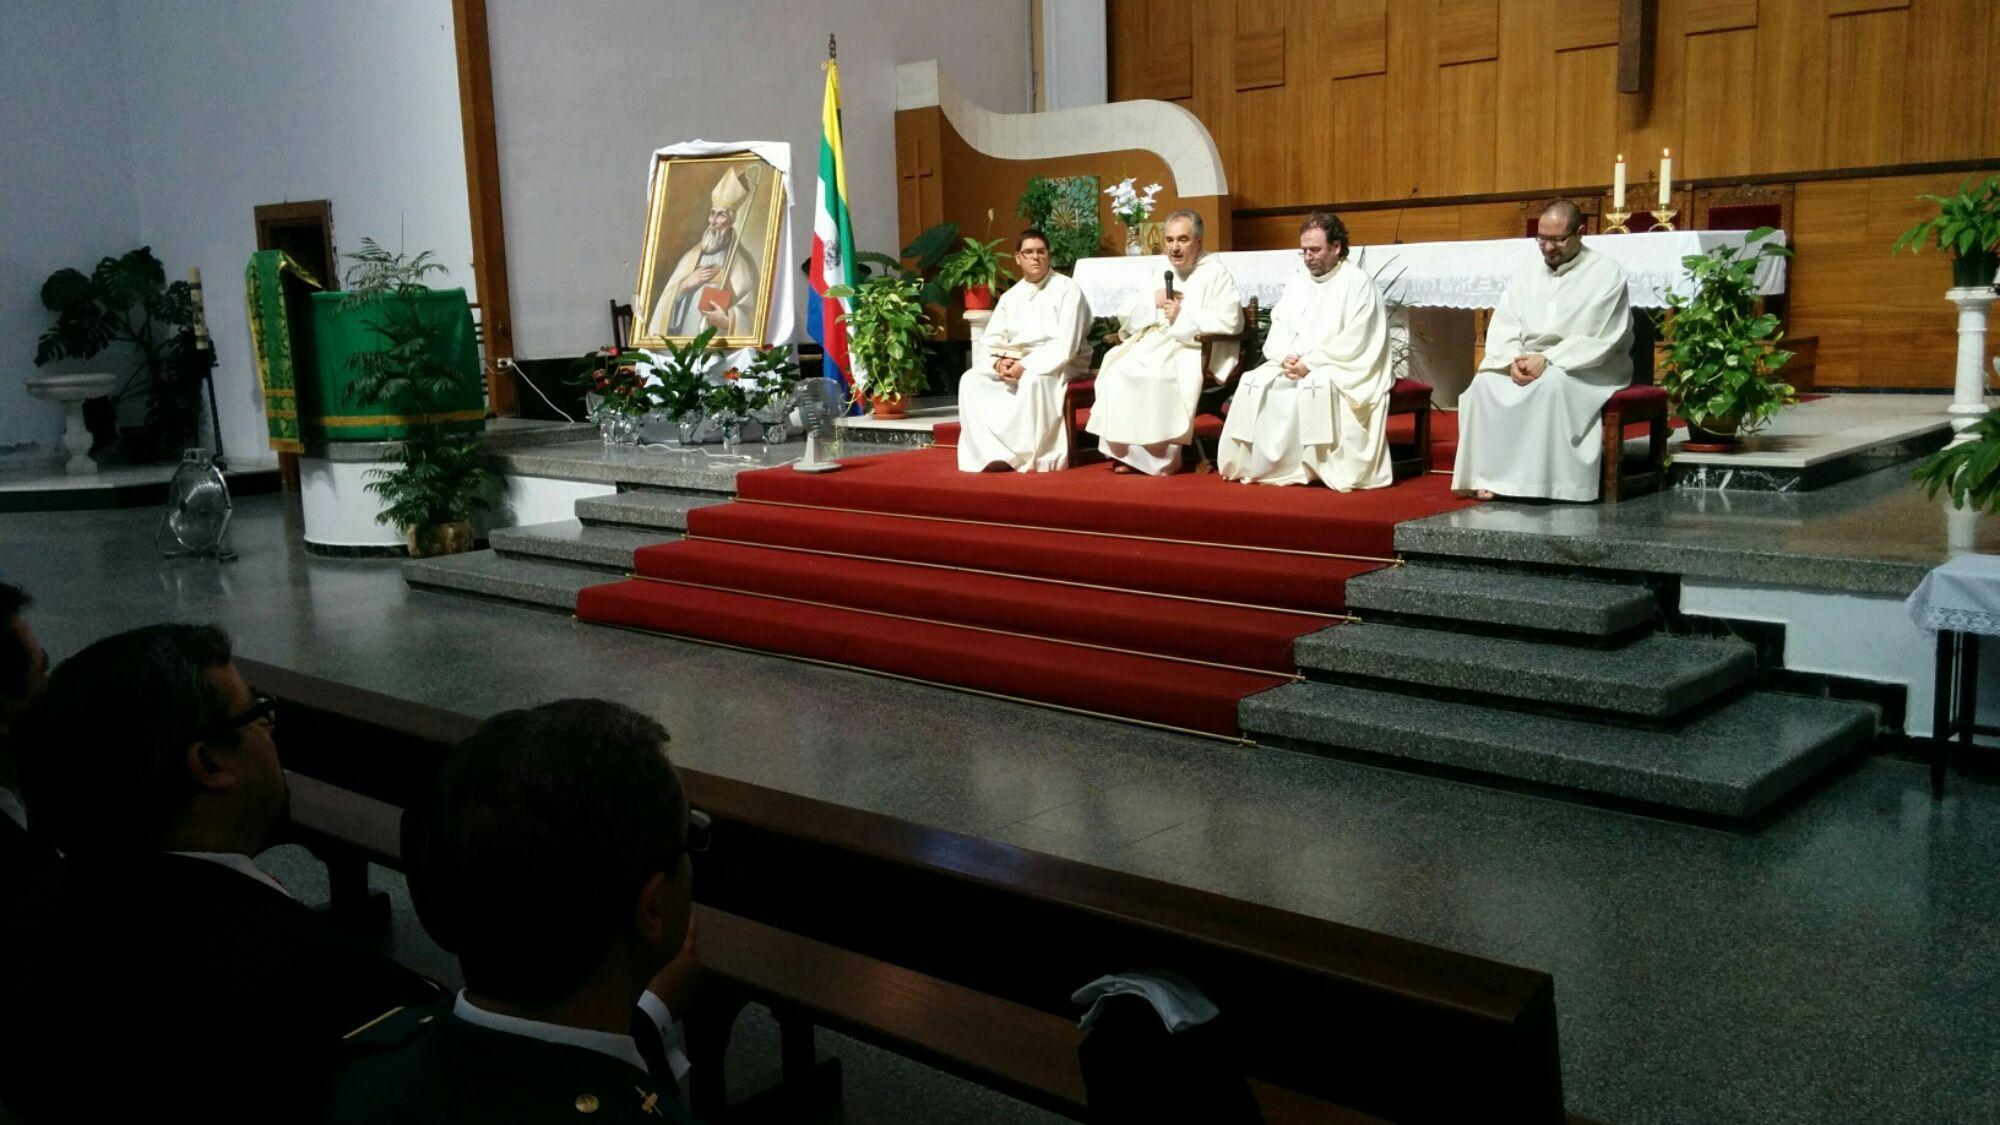 En estos momentos misa de San Agustín